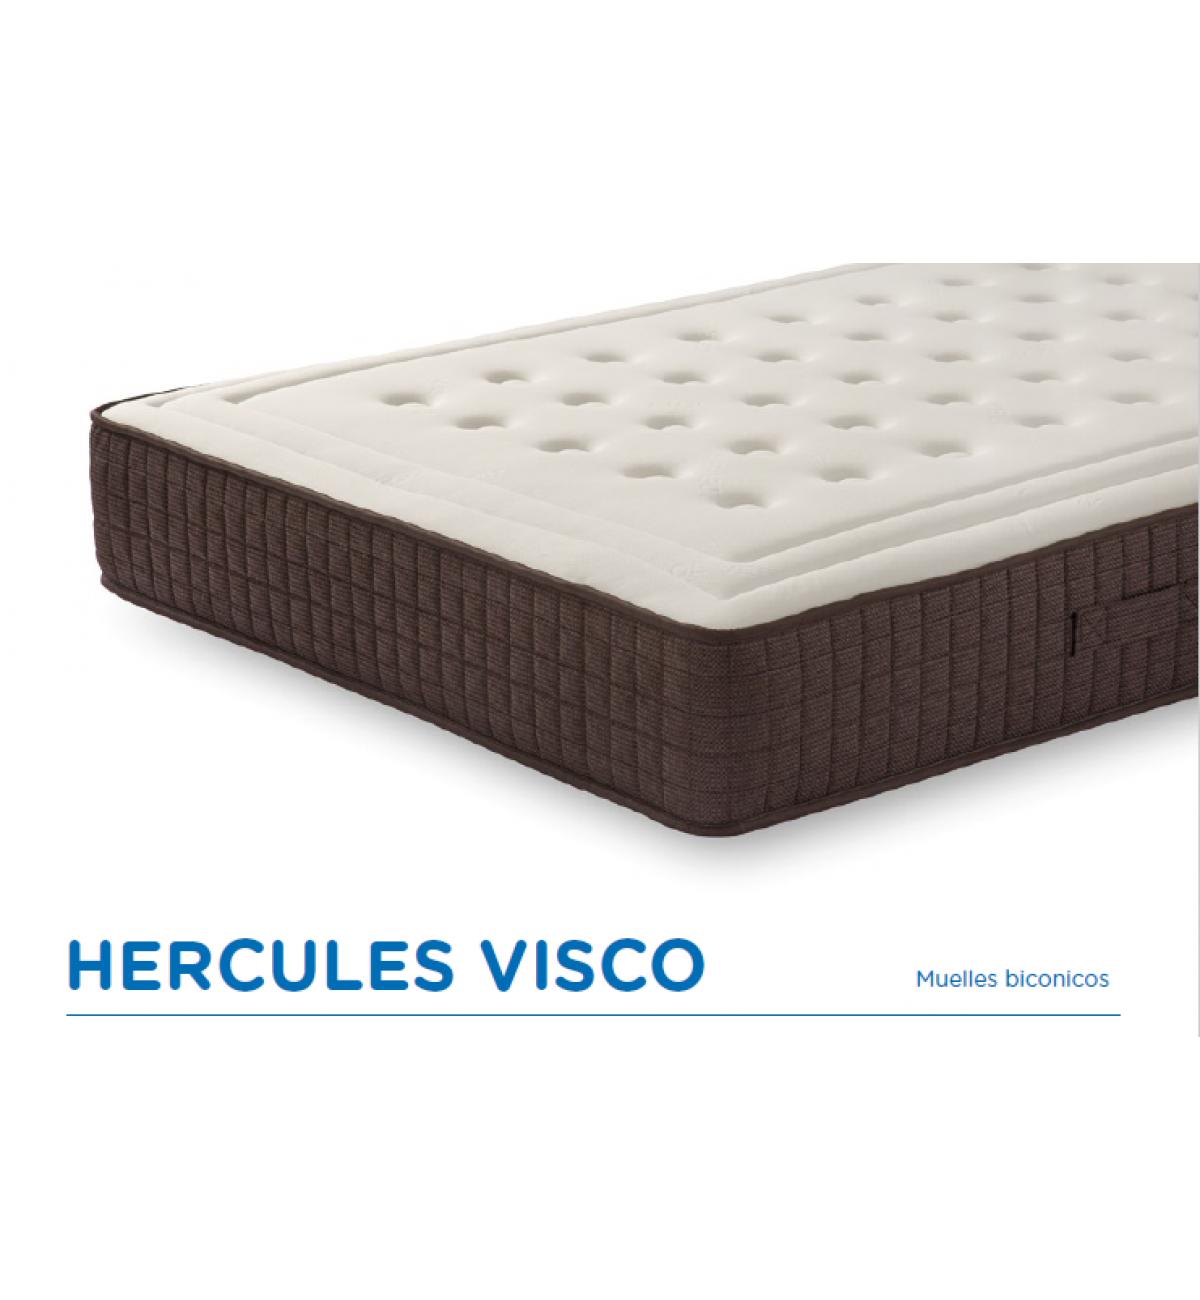 Colchón Hércules Visco de Dormibien. Calidad y buen precio.